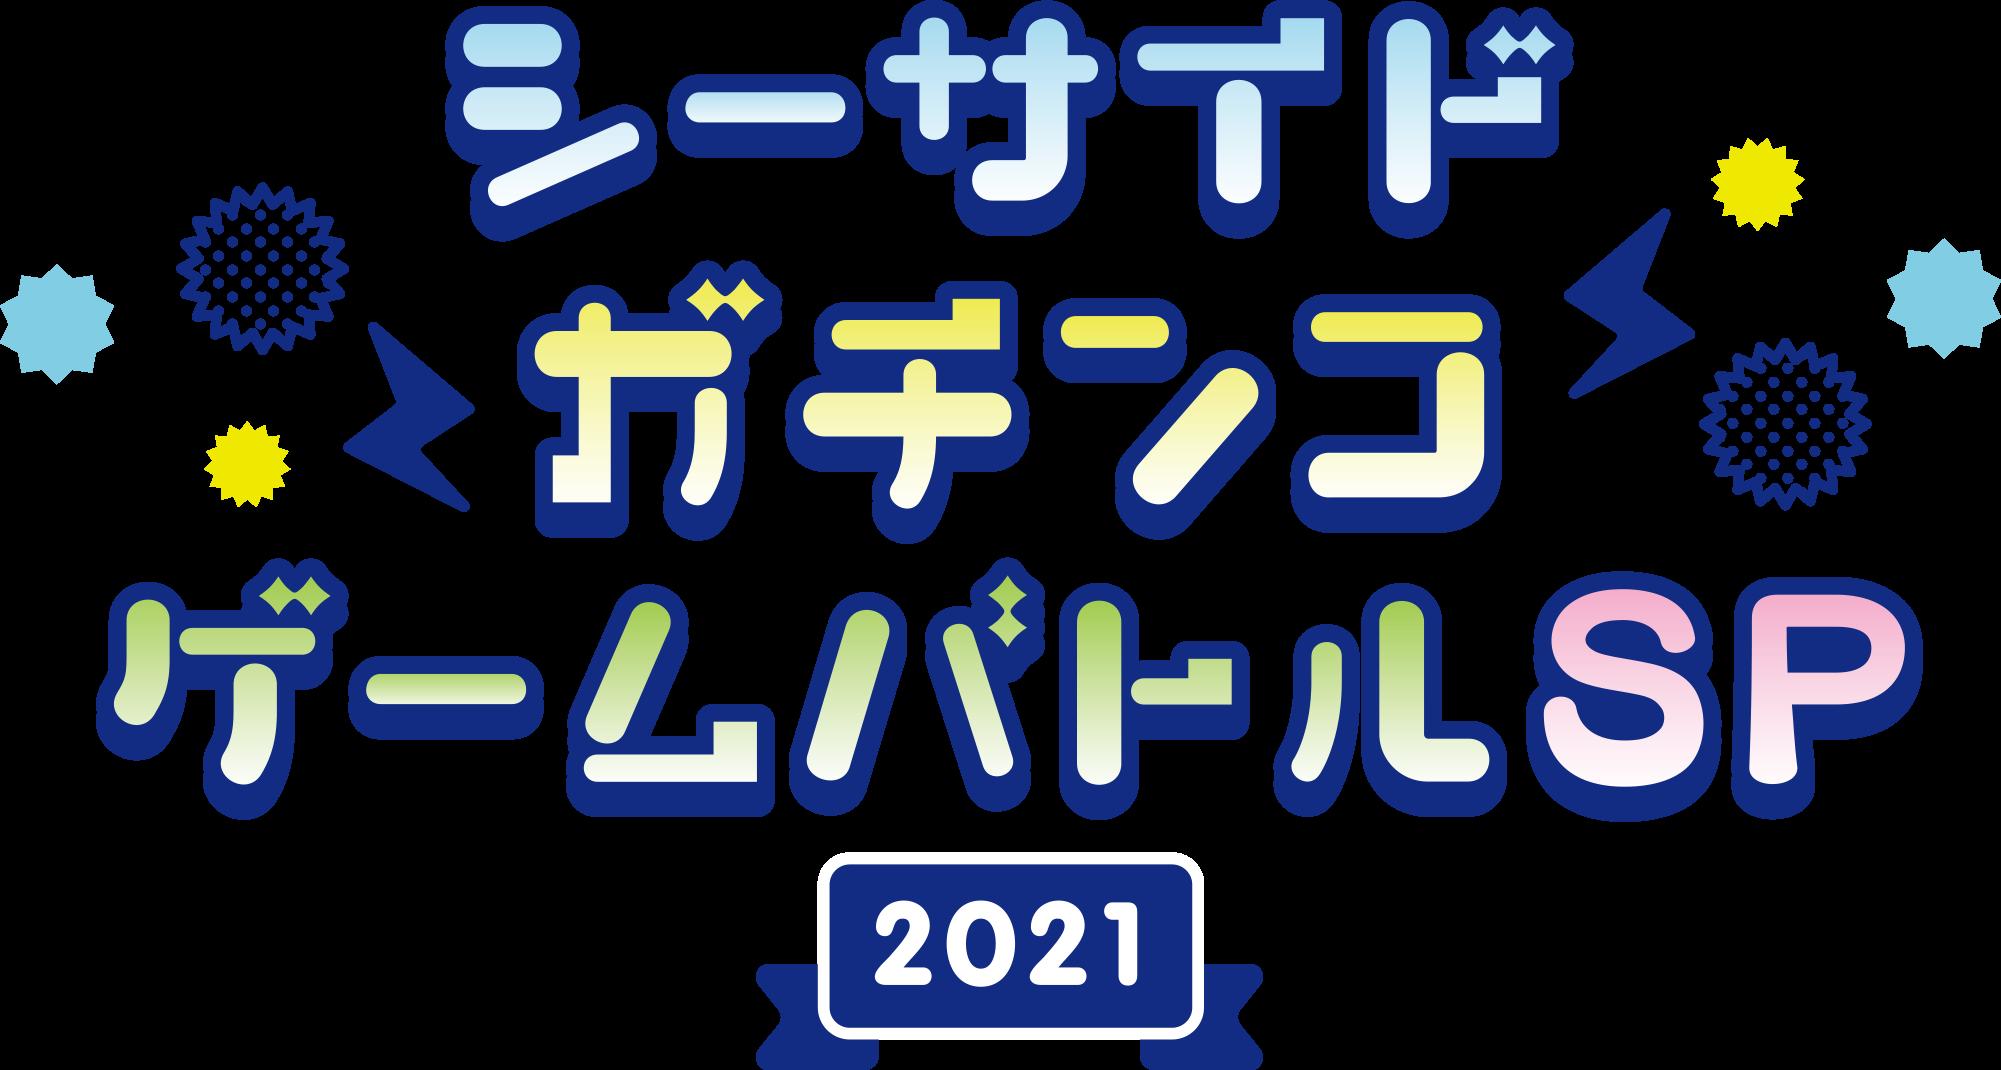 「シーサイドガチンコゲームバトルSP2021